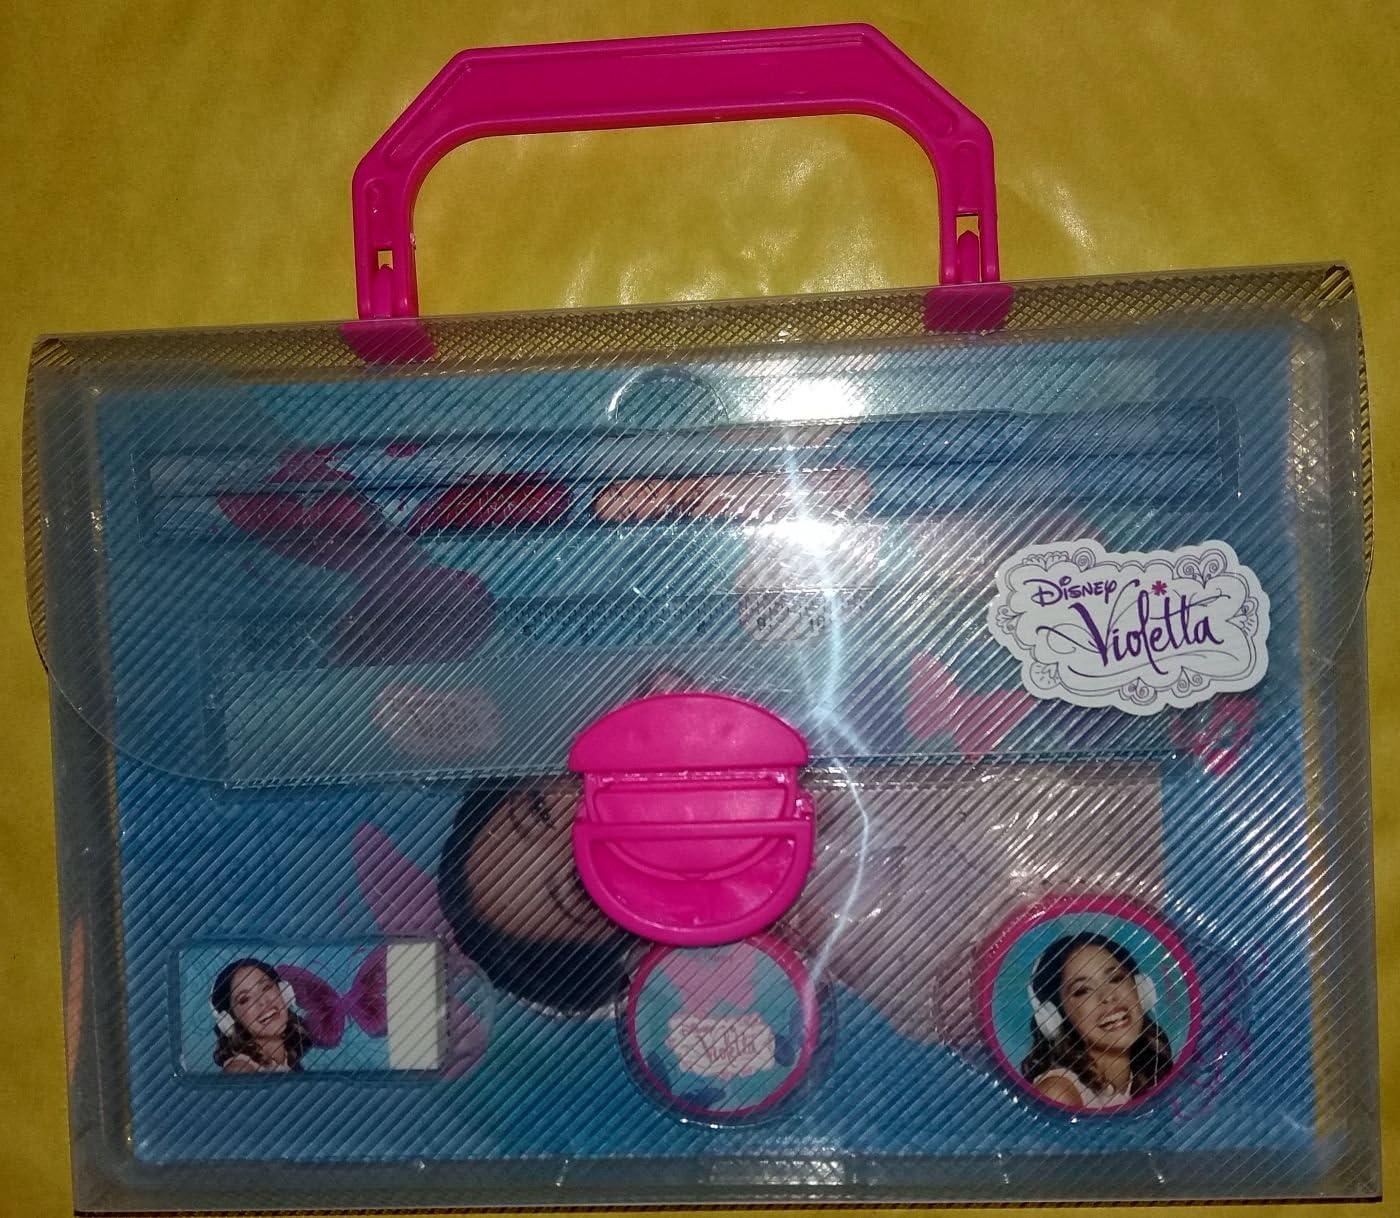 Violetta Juego escritura maletín lápices + goma + Sacapuntas + Tijeras + regla + Estuche y notes: Amazon.es: Oficina y papelería